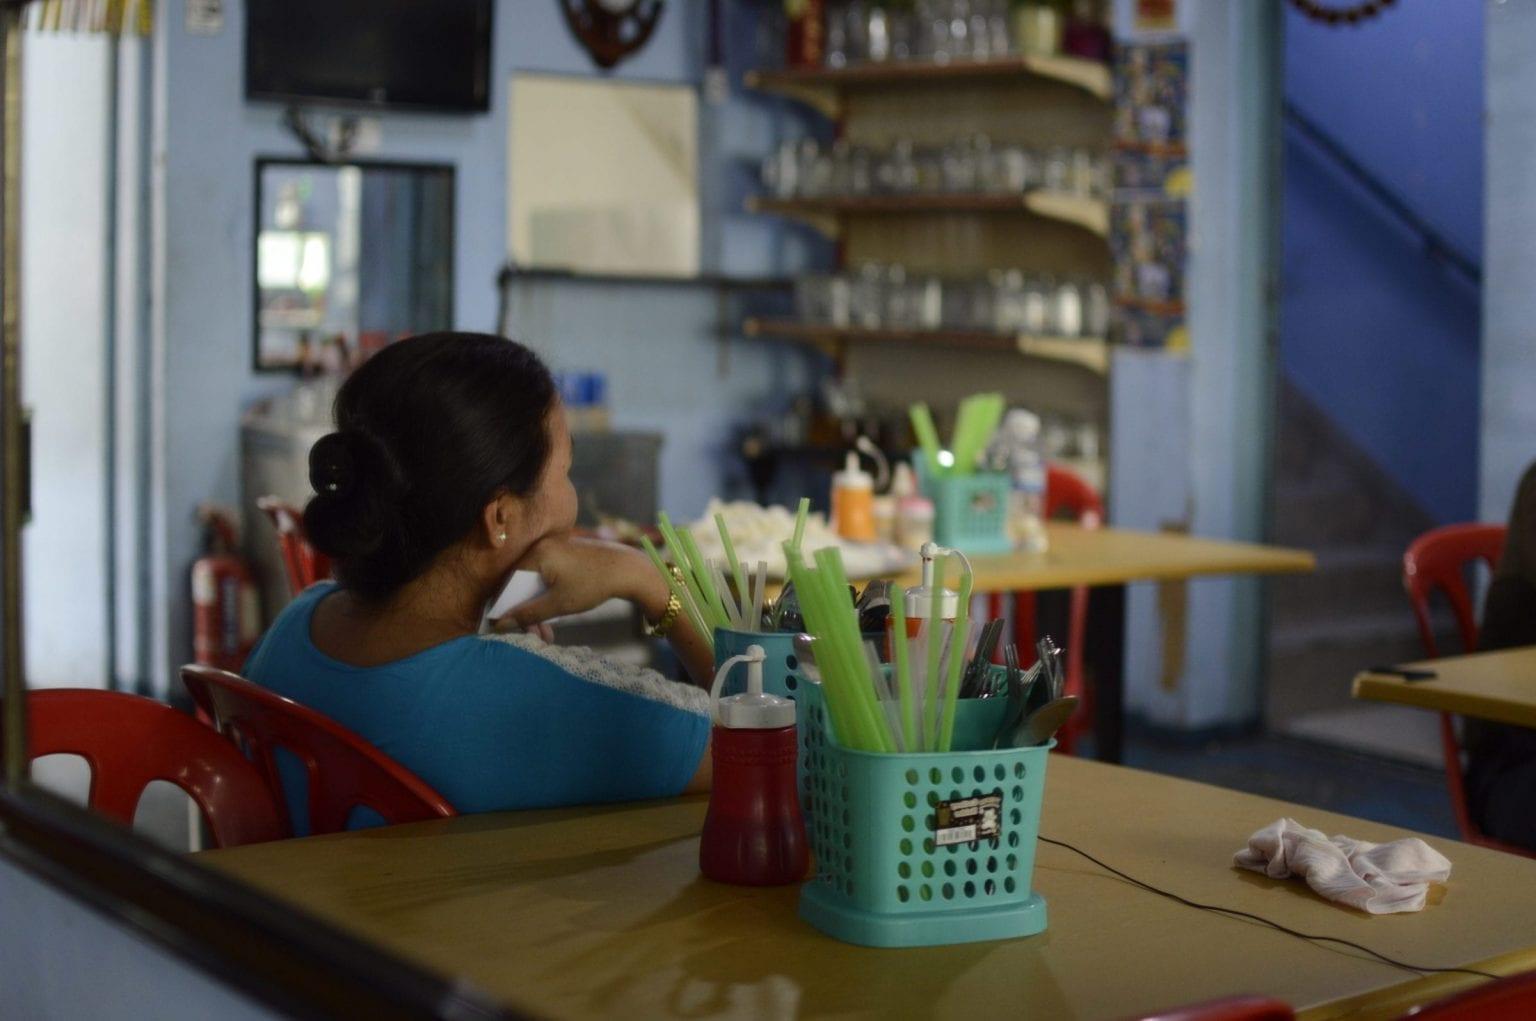 'Alina', en nepalesisk tidligere ansat på en fabrik, der leverer til Panasonic og Toshiba, hævder, at hun blev frataget sit pas på fabrikken. Da hun blev opsagt på grund af en omlægning af produktionen, krævede fabrikken enorme pengebeløb for at levere hendes og andre ansattes pas tilbage, siger hun. 'Alina' er derfor gået under jorden og lever nu uden papirer i Malaysia, hvor hun arbejder på en restaurant. Da Danwatch møder hende, har hun ikke været udenfor i en uge af frygt for at blive arresteret af malaysisk politi.